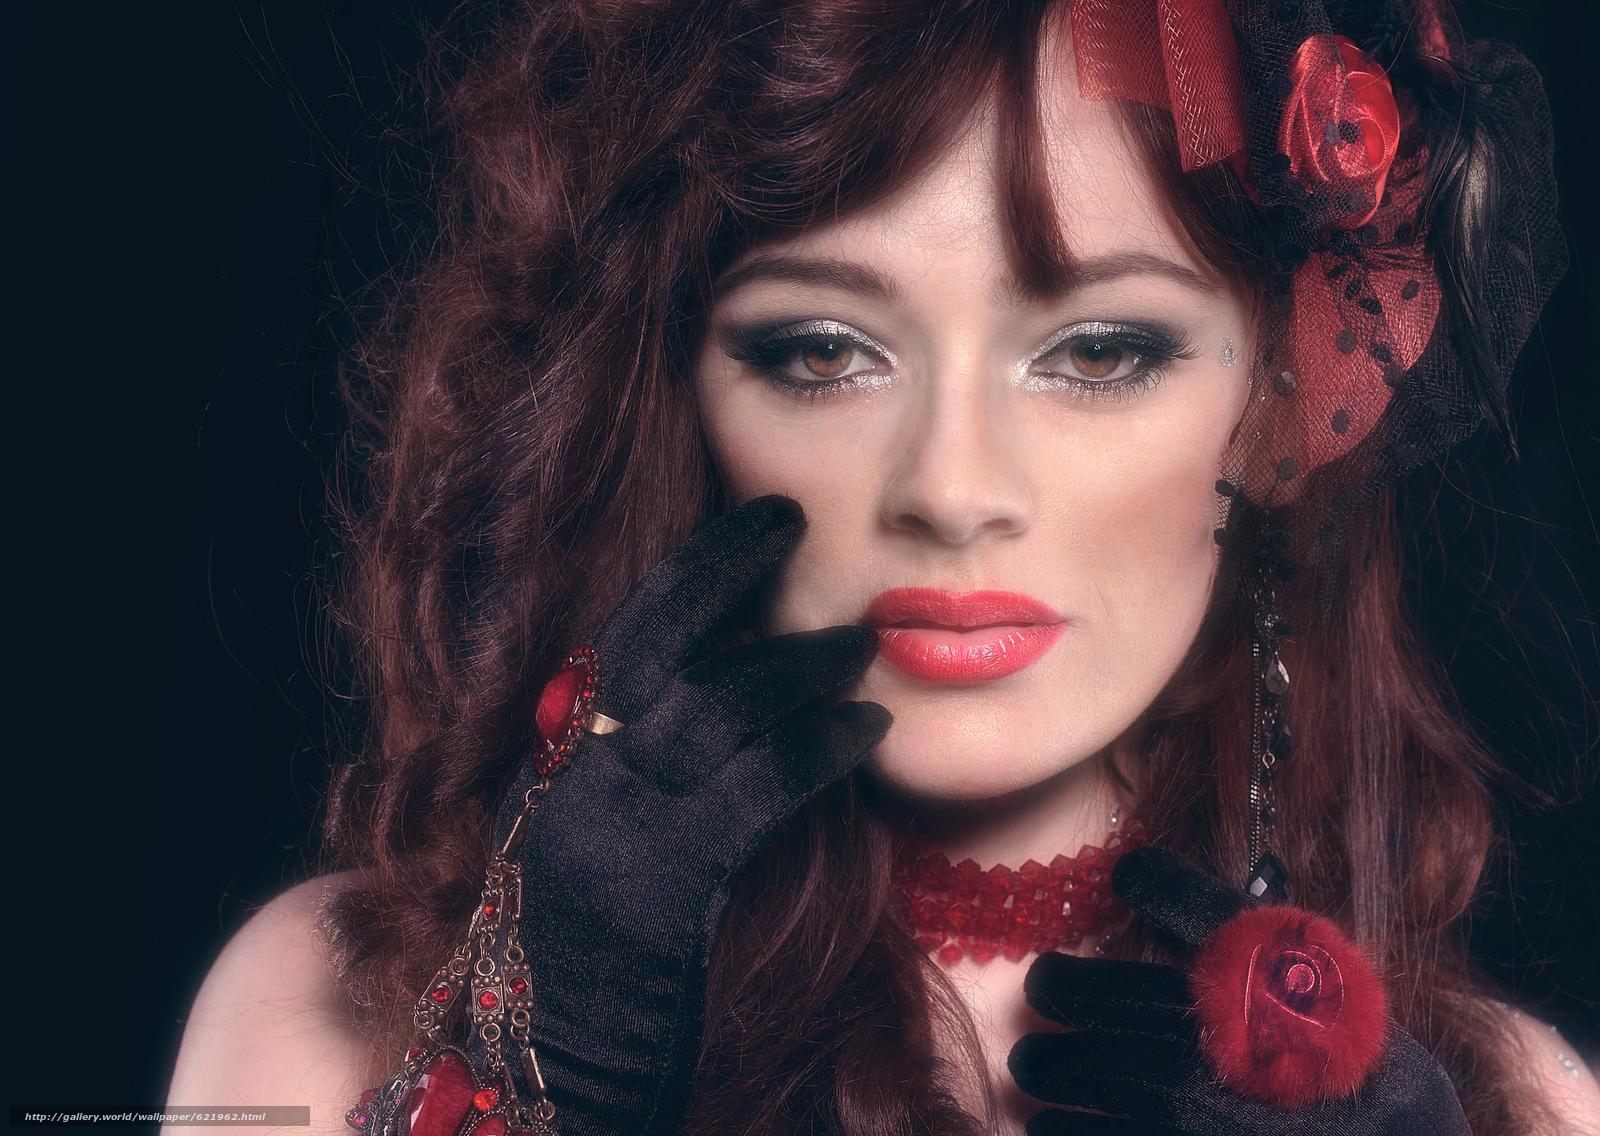 Download Hintergrund Mädchen,  Porträt,  Gesicht,  Make-up Freie desktop Tapeten in der Auflosung 2048x1454 — bild №621962